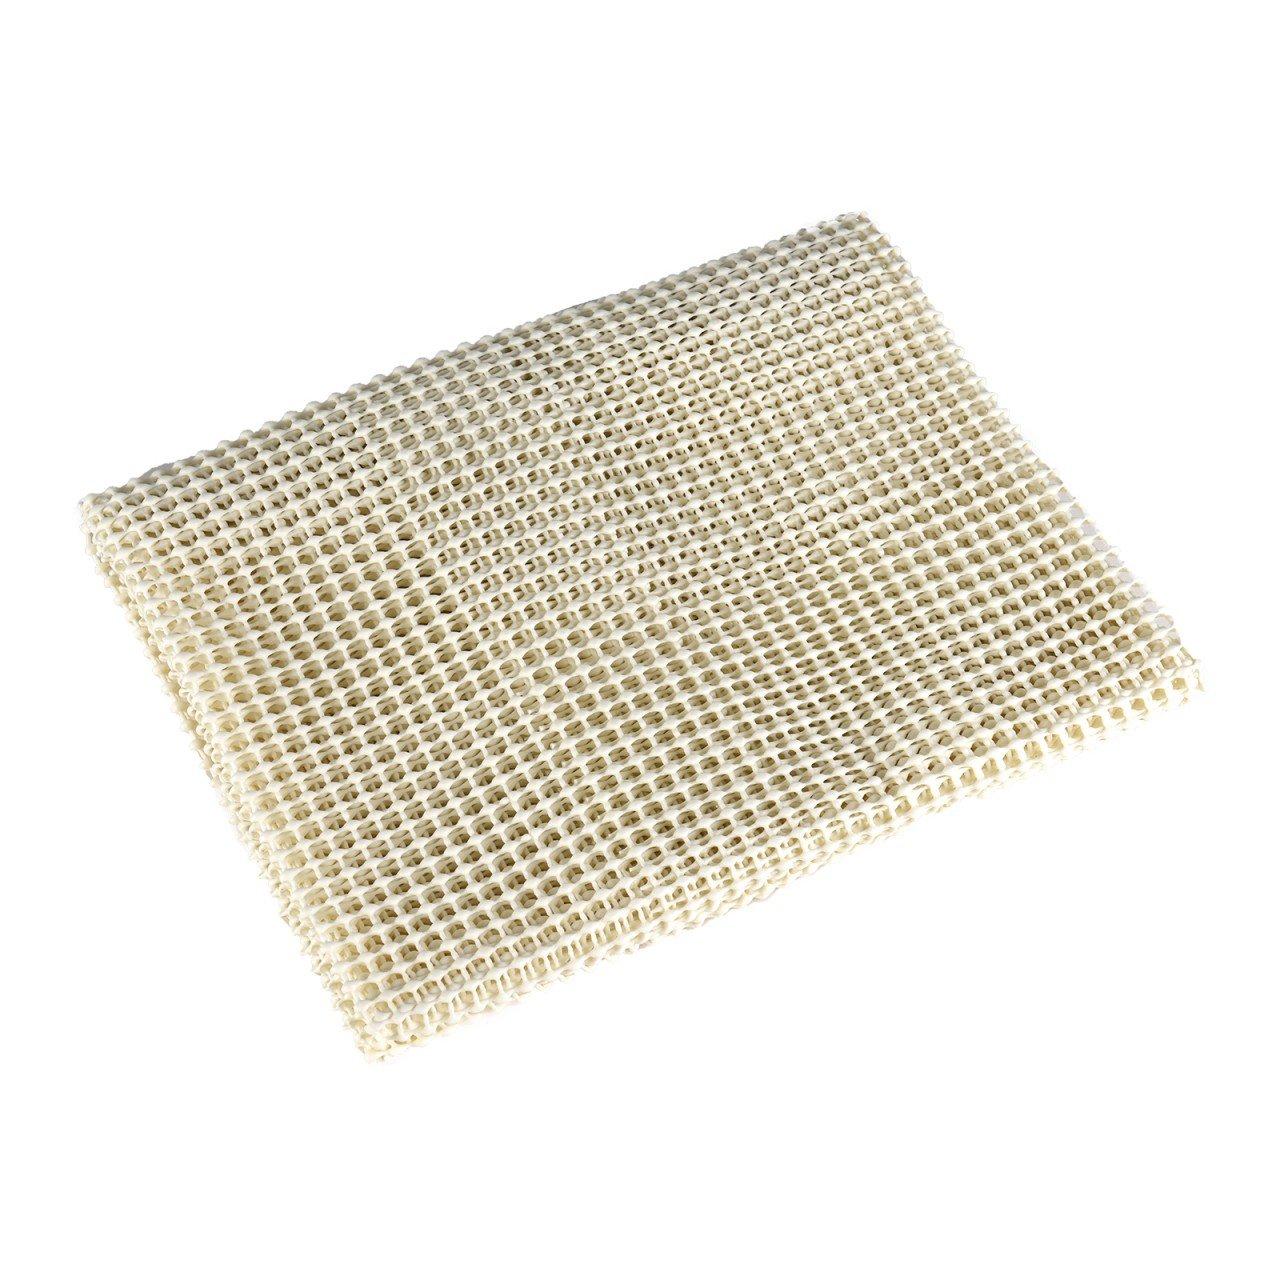 Tappeto antiscivolo ✓ Tappetino Antiscivolo ✓ Vari Colori ✓ diverse misure, Beige, 60 x 130 cm Sonstige